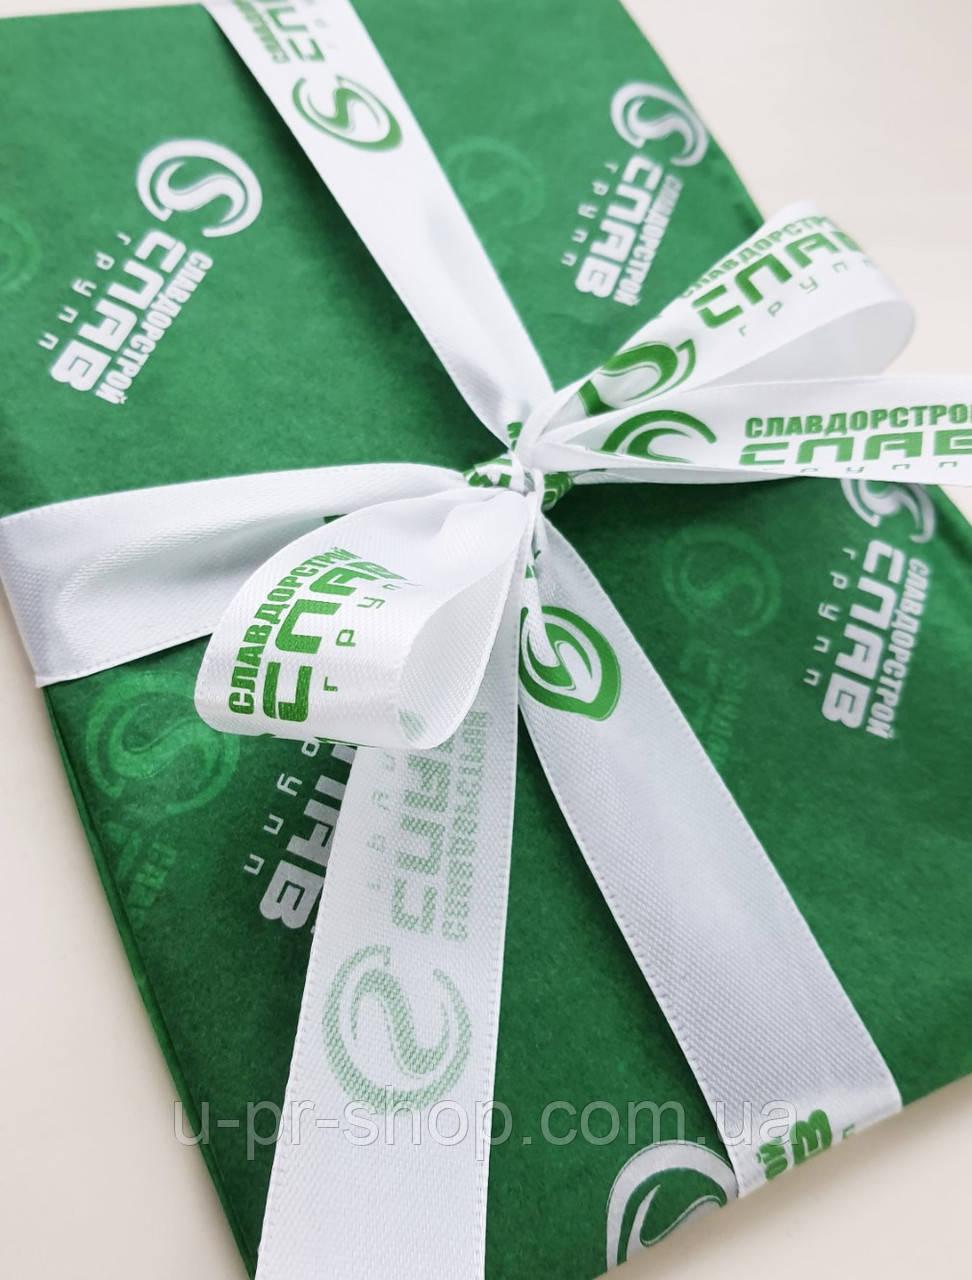 Пакувальний папір для подарунків,одягу,товарів.